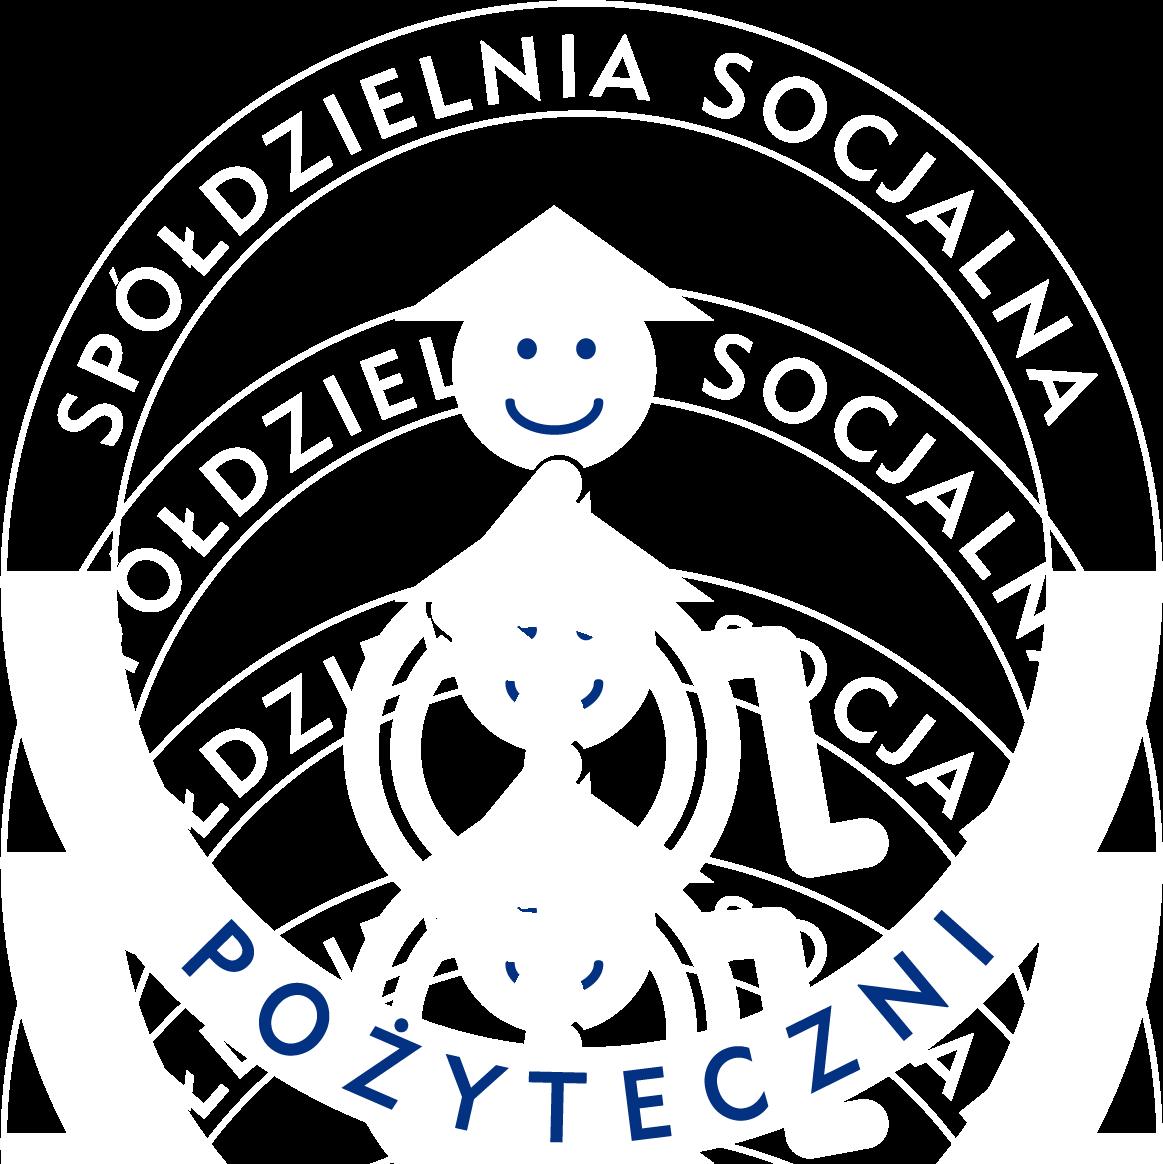 Spółdzielnia Socjalna Pożyteczni Police